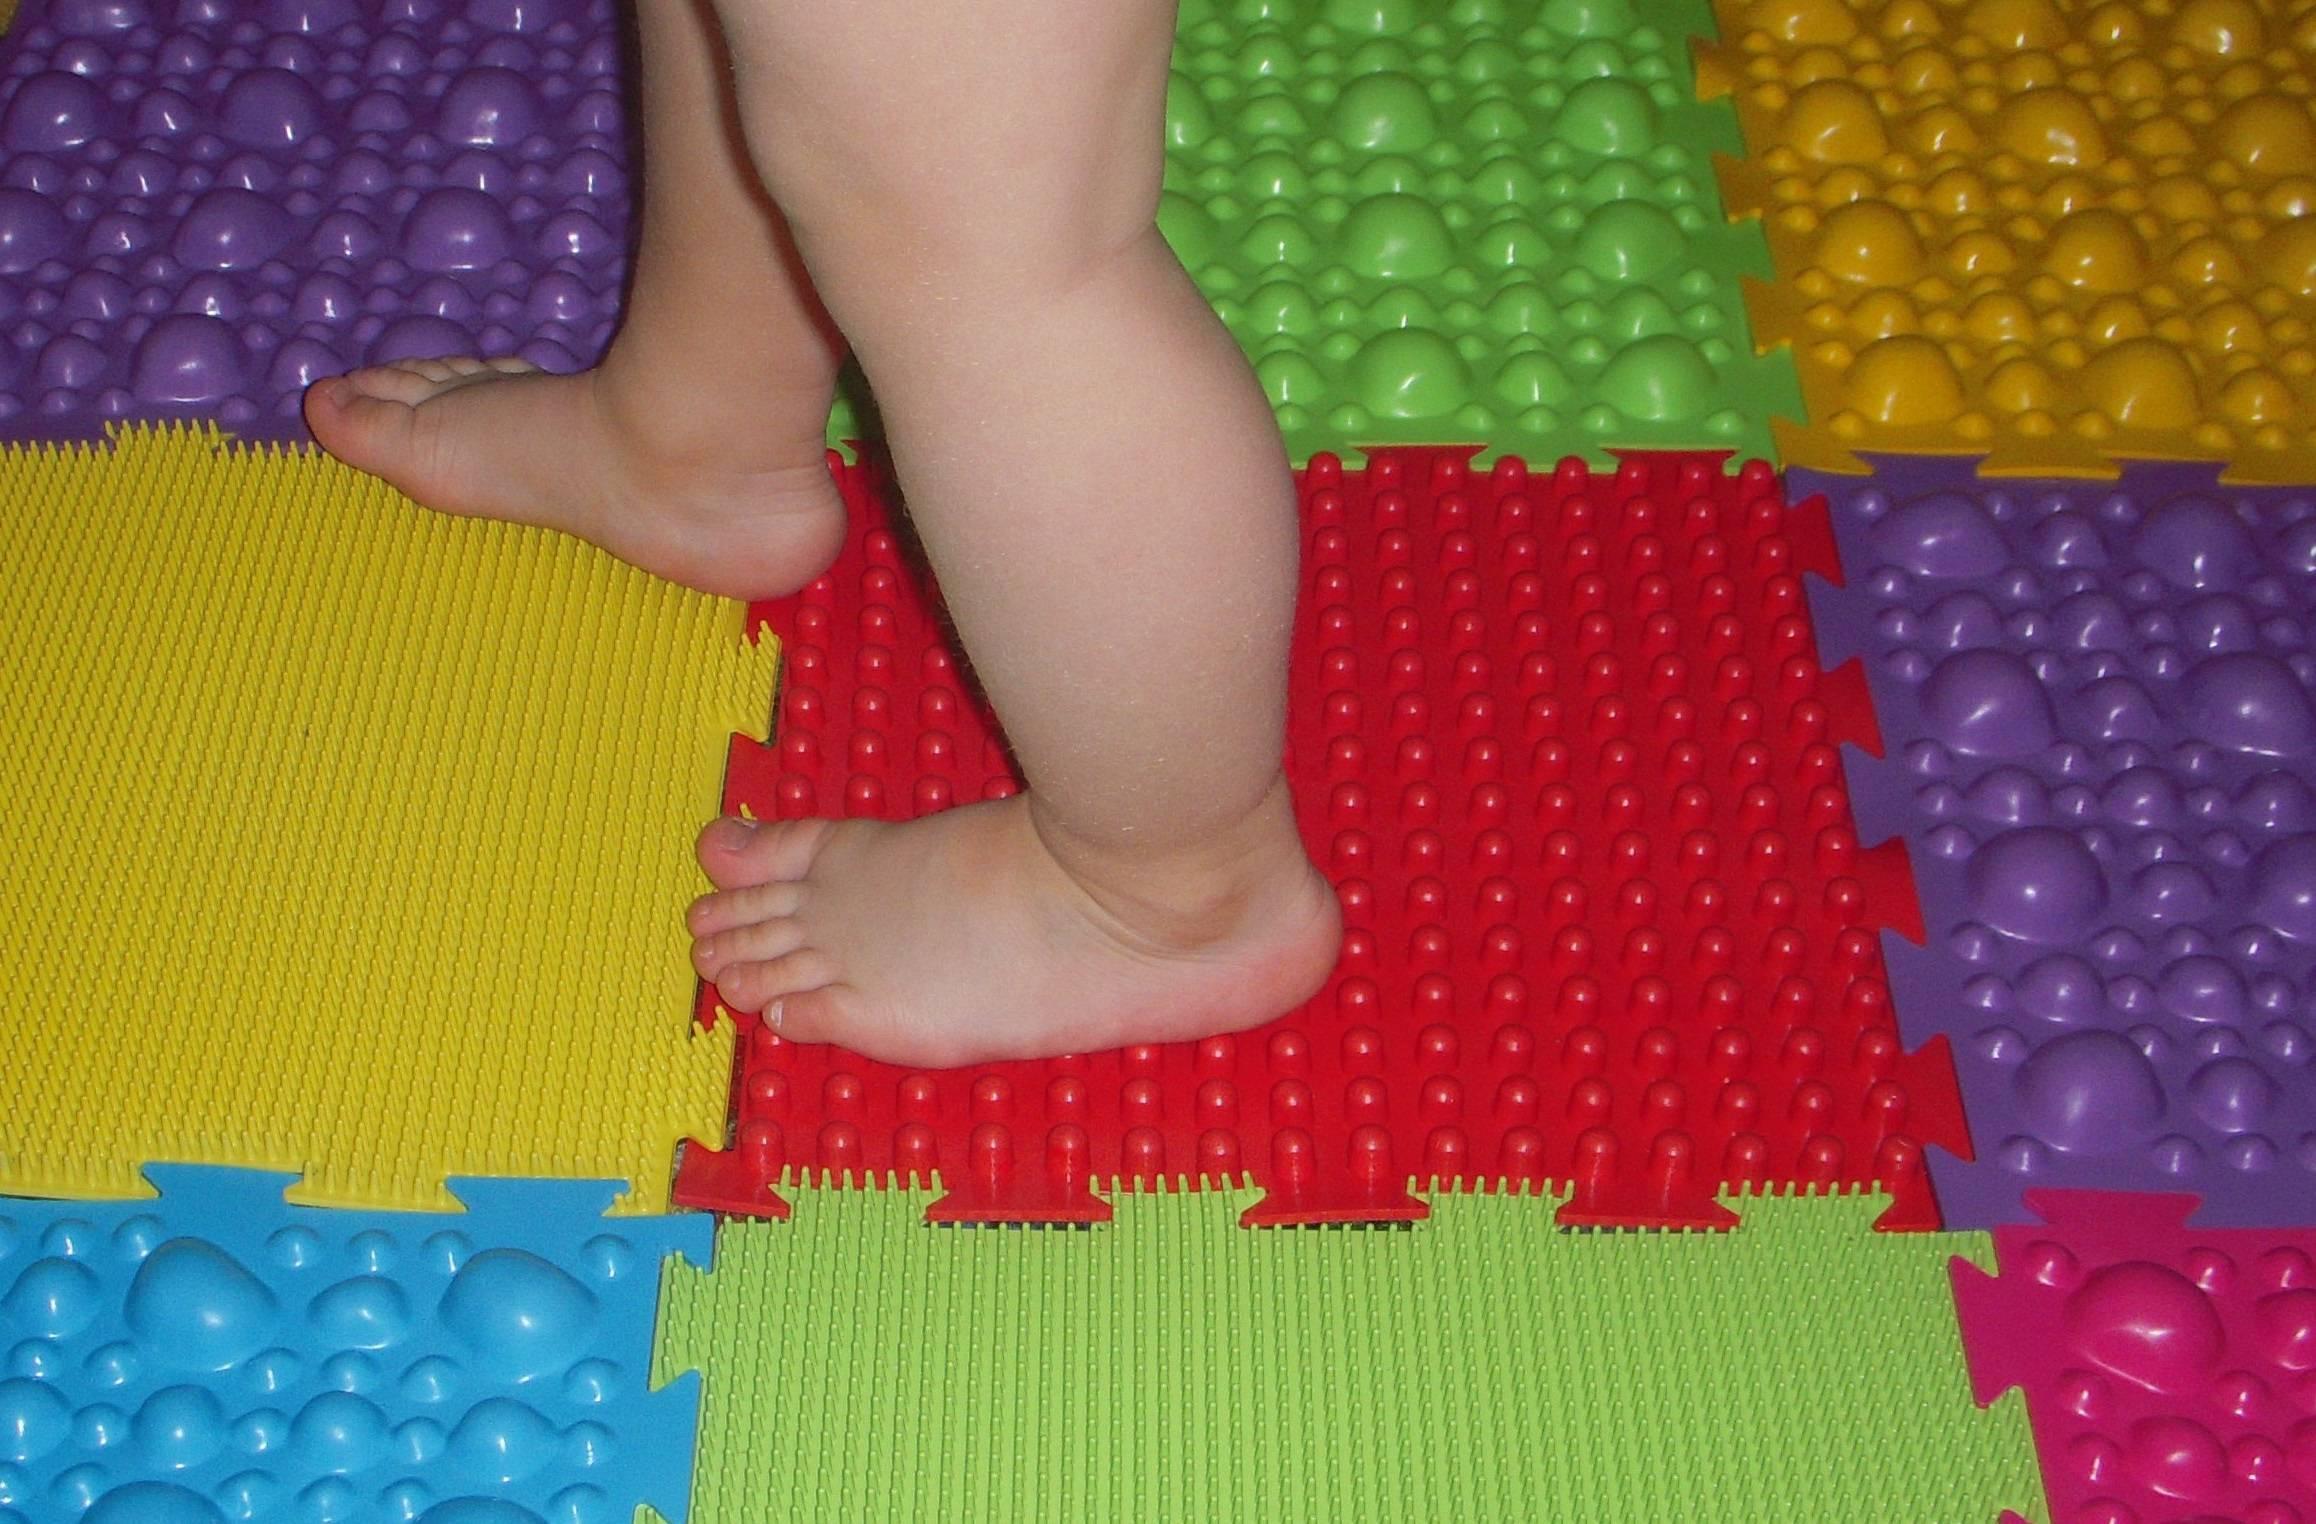 Массажный коврик: чем полезен, изготовление – из чего и как, правильные и неправильные варианты